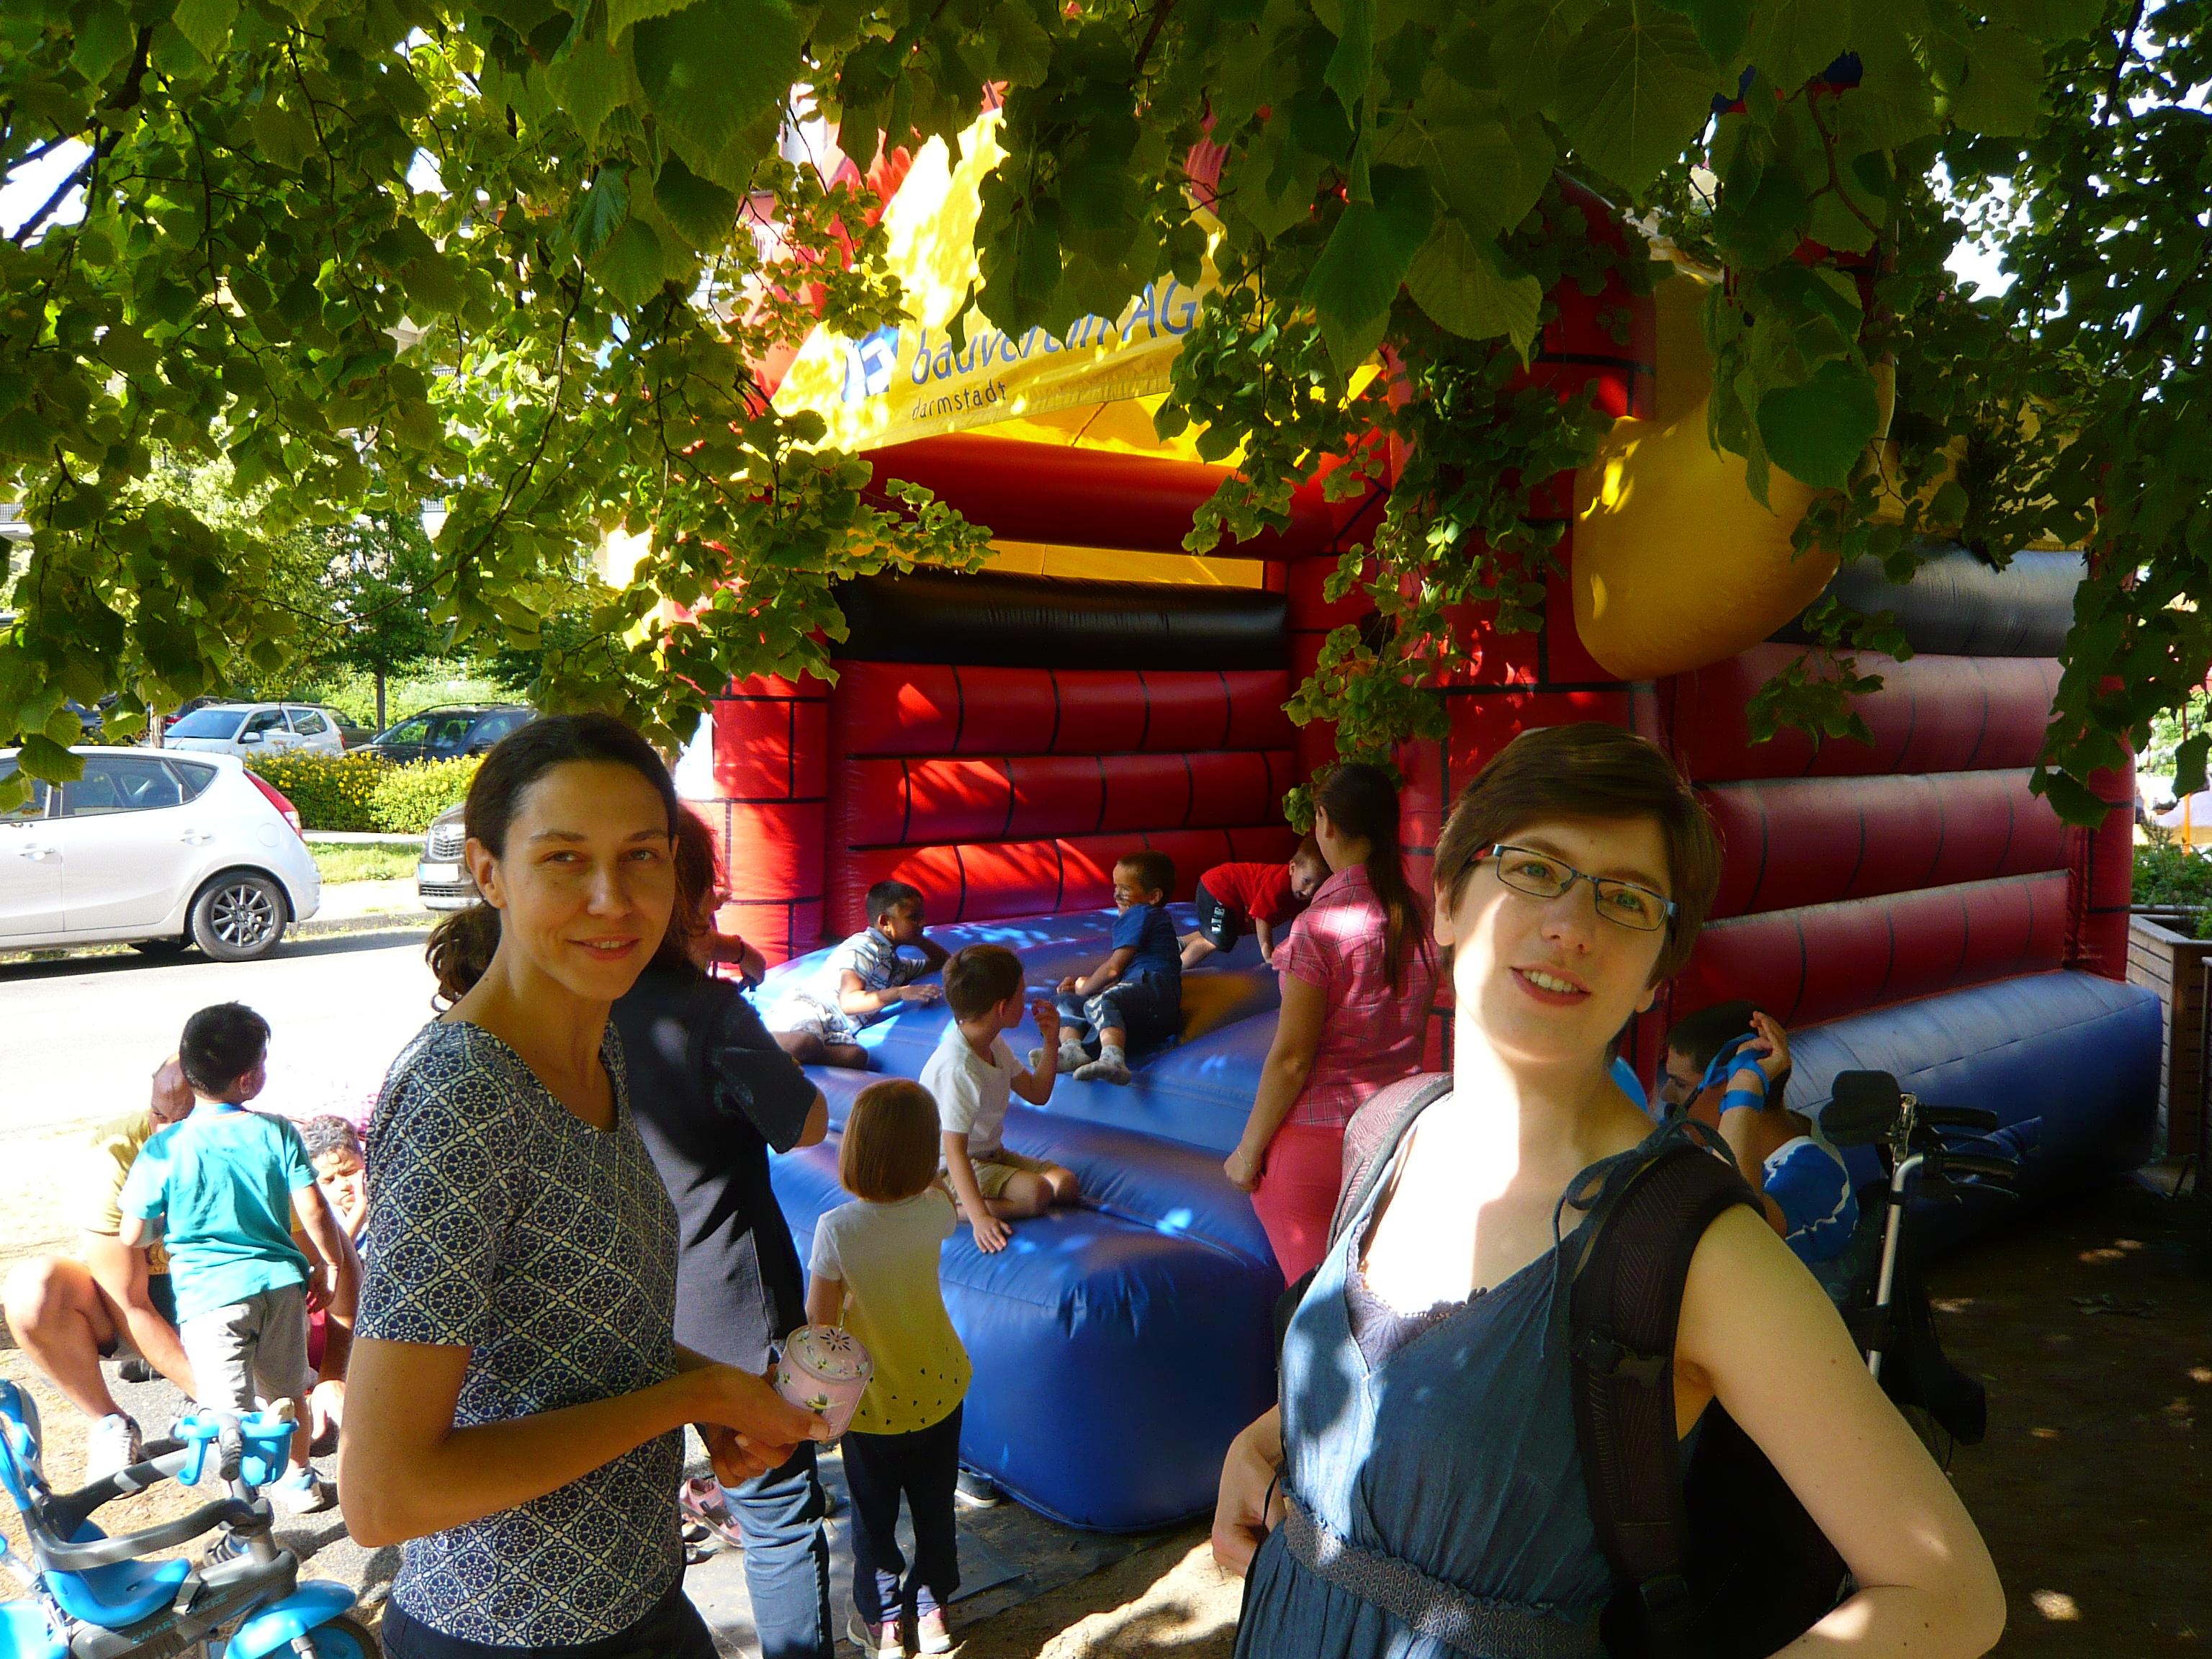 Postsiedlungs-Sommerfest bei blauem Himmel und Sonnenschein…